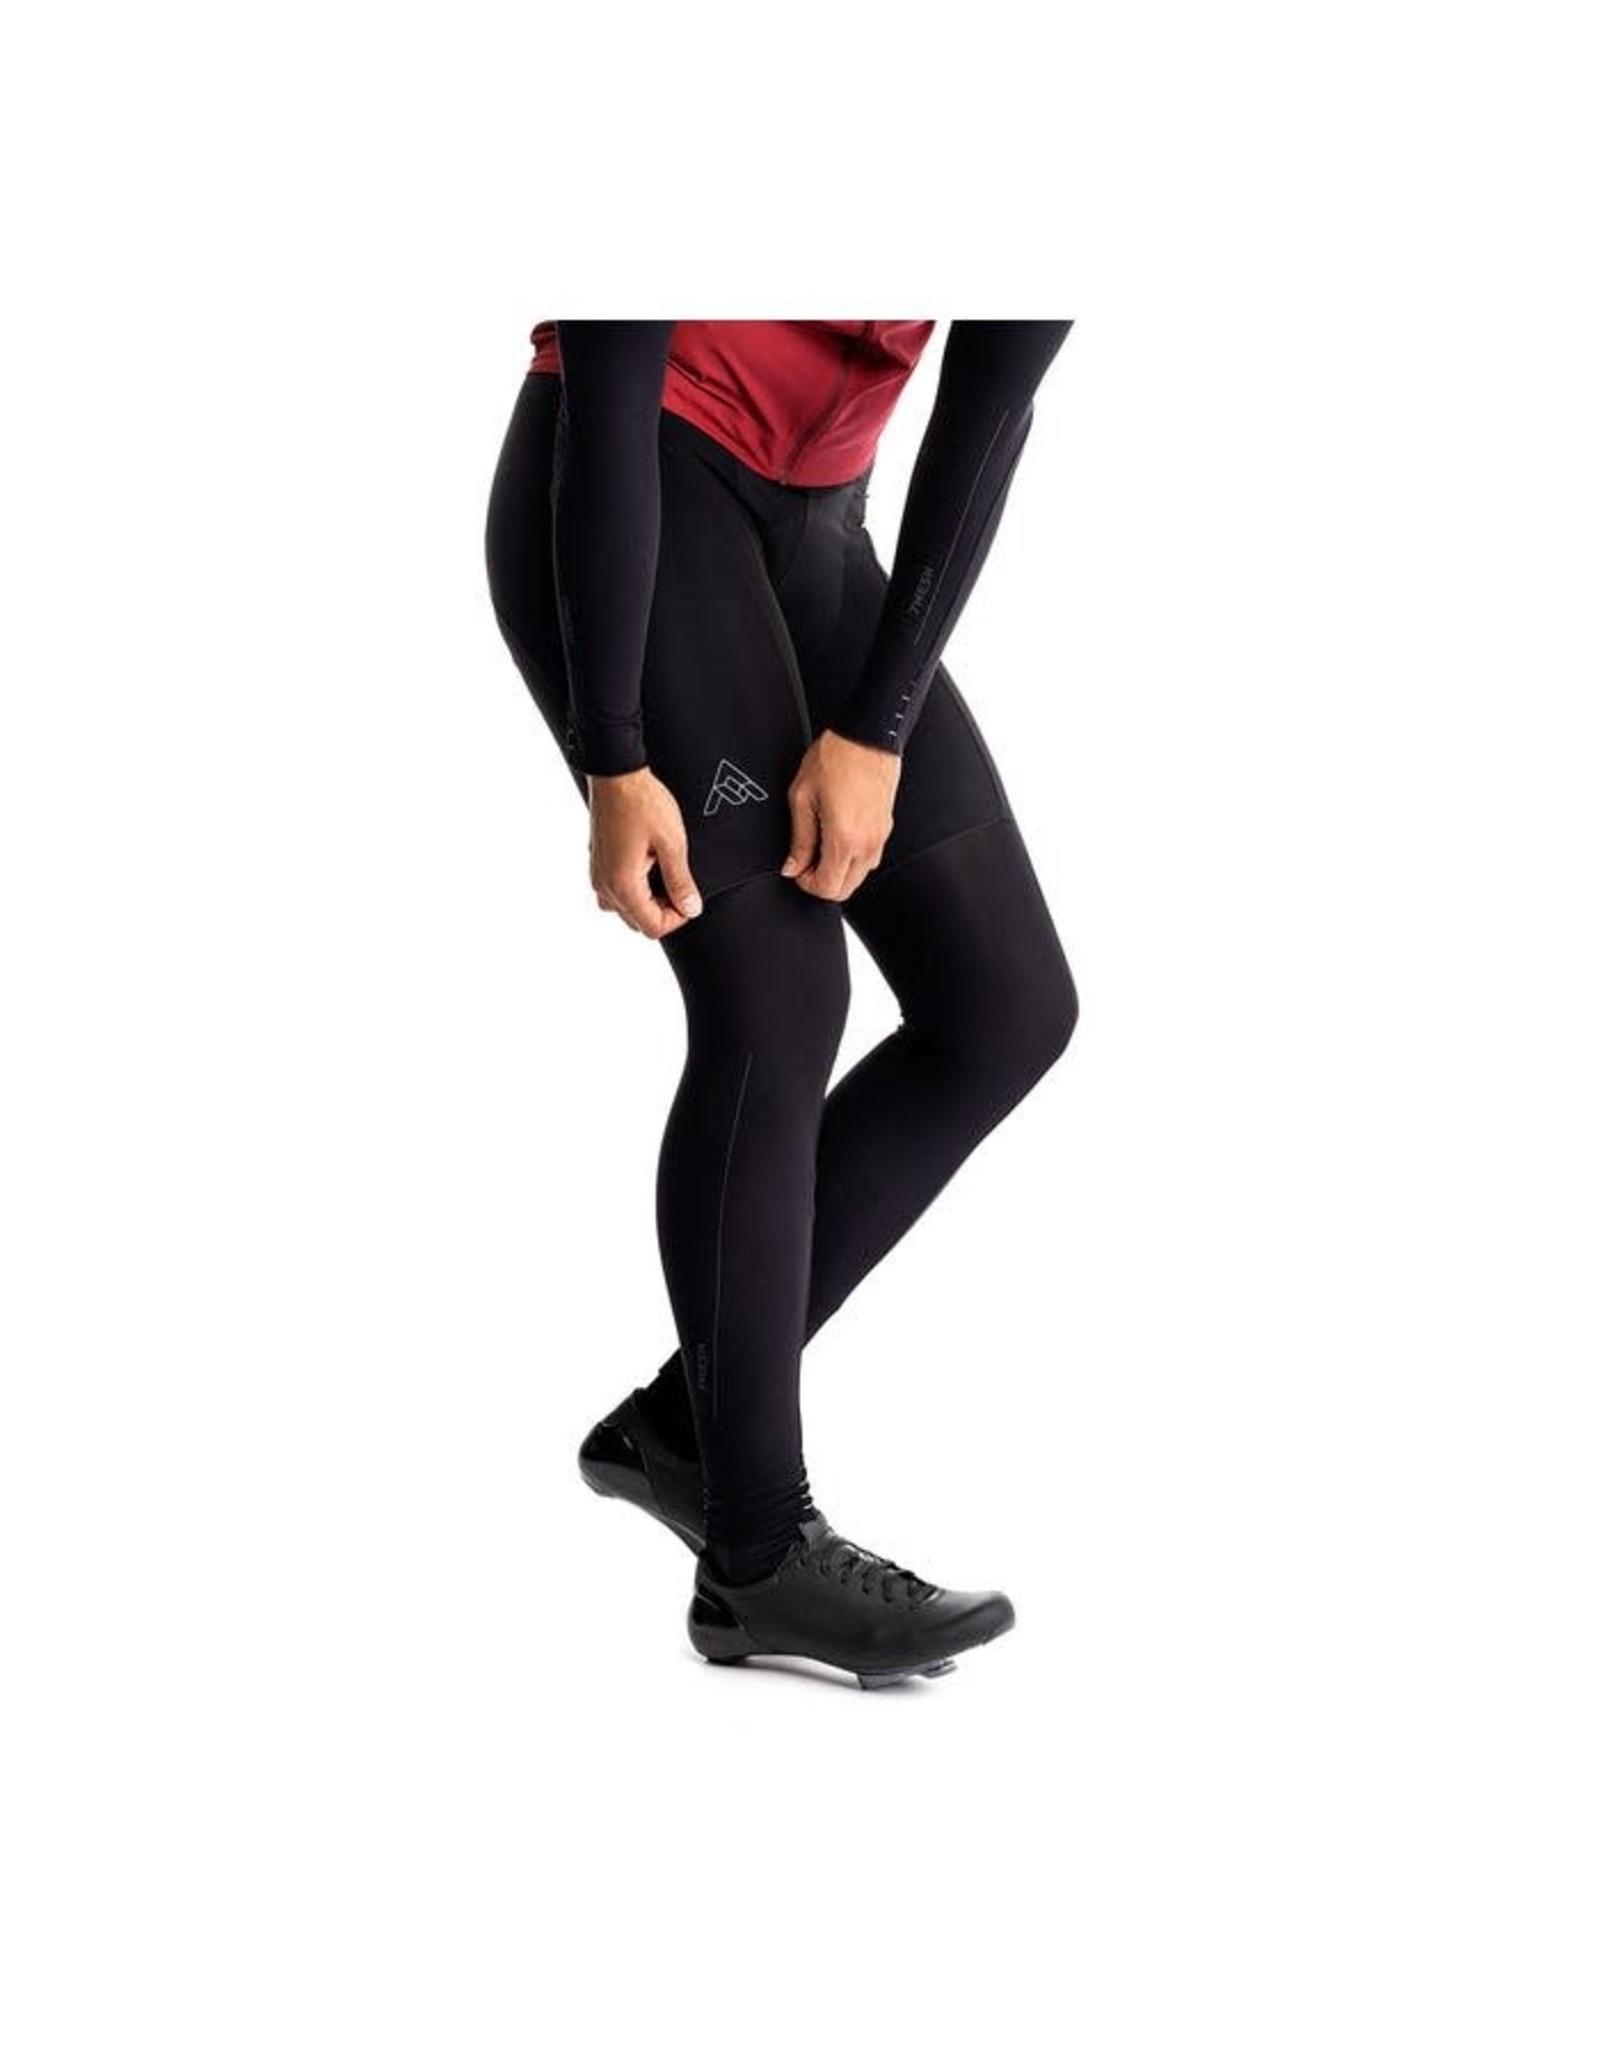 7MESH 7MESH - Colorado Leg Warmers Black Small